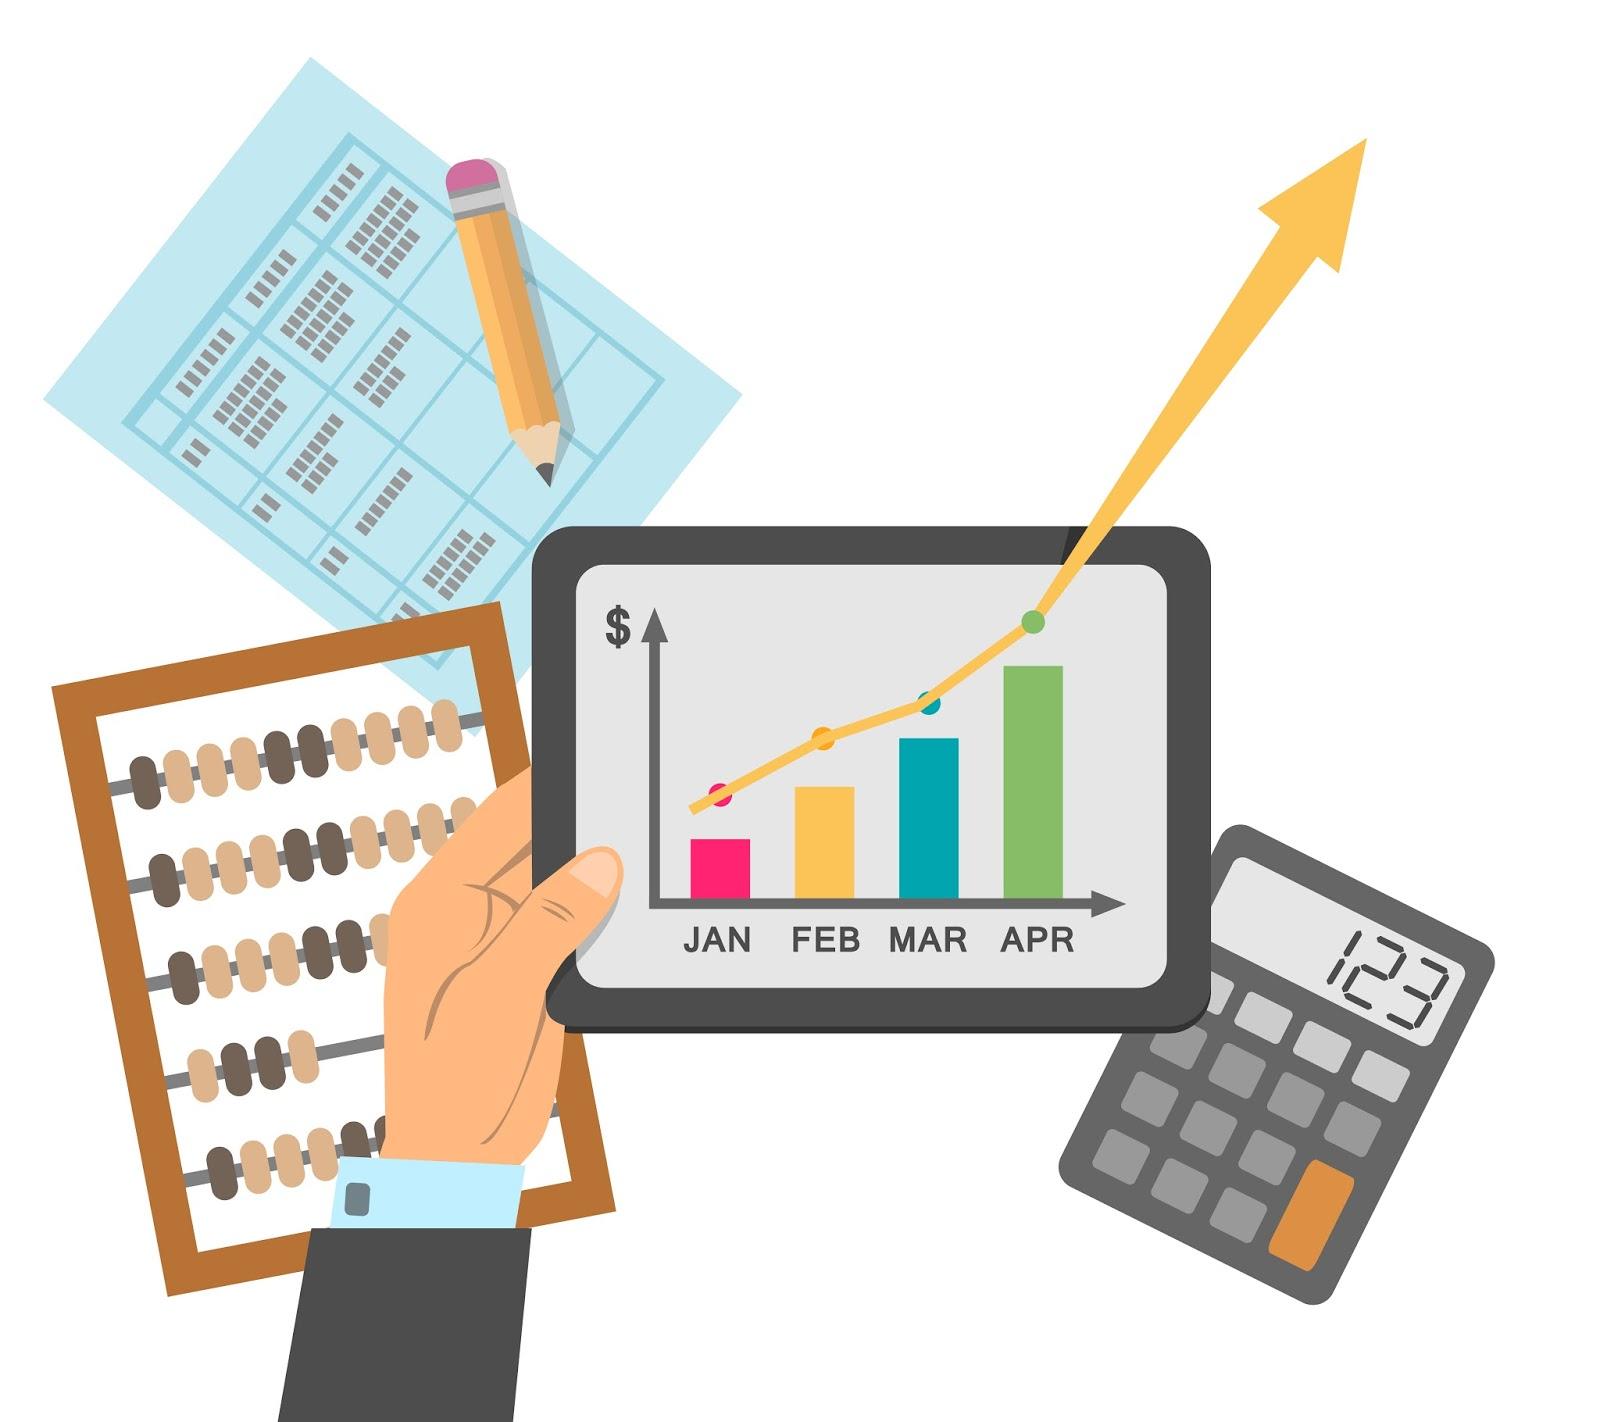 Quản lý tiền trong đầu tư forex là yếu tố sống còn giúp bạn tồn tại trên thị trường cho đến lúc thành công